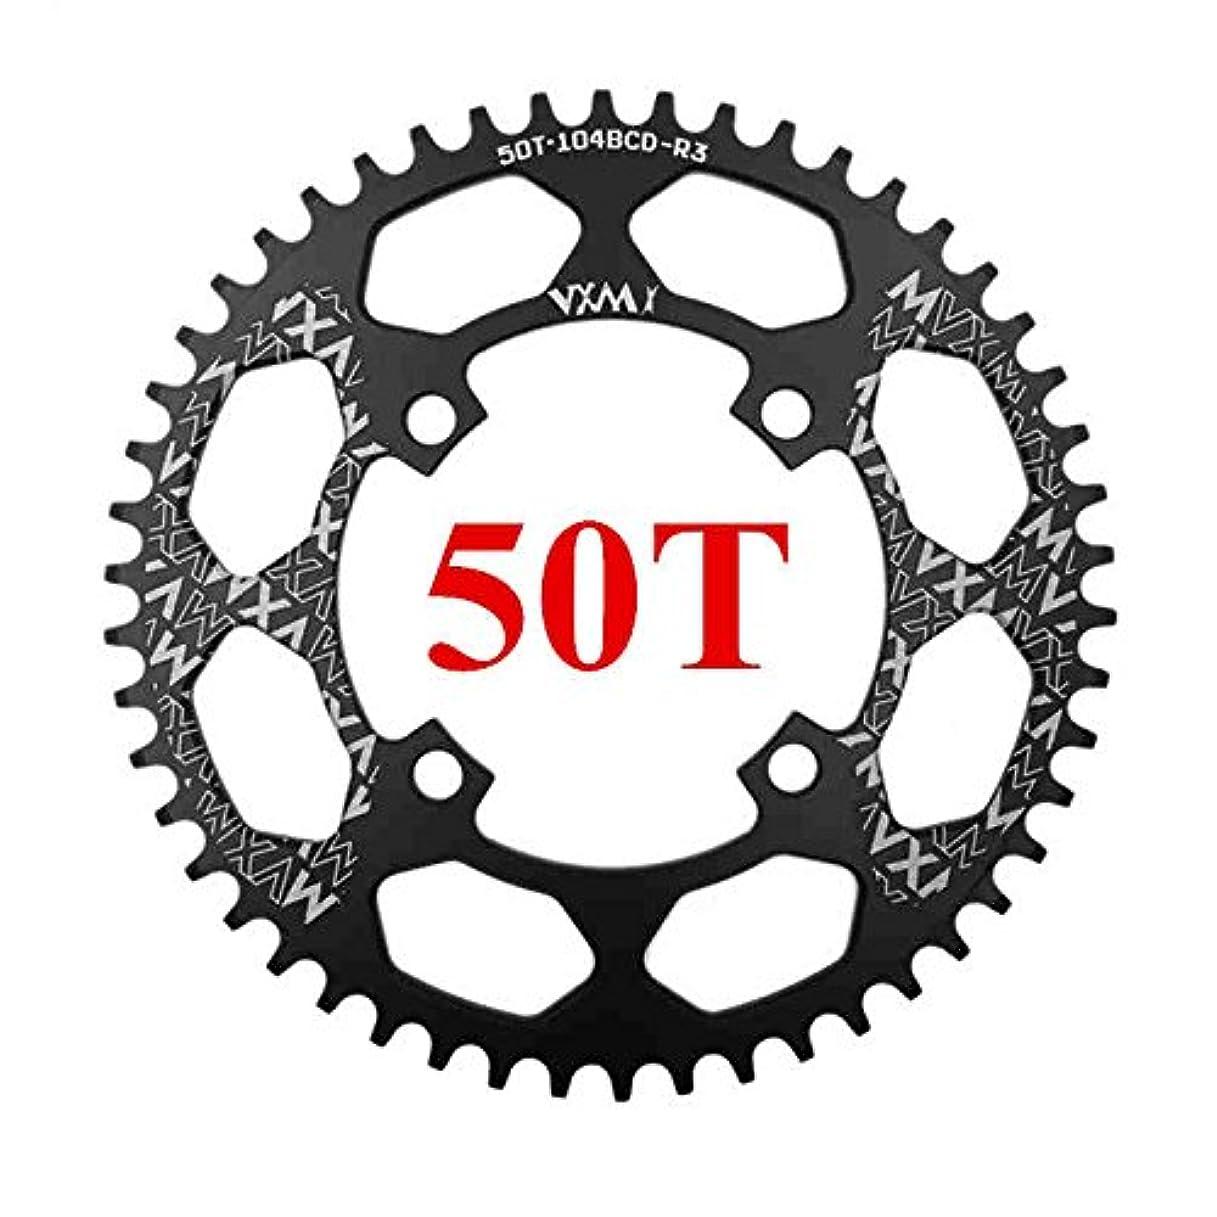 失国民発表Propenary - 自転車104BCDクランクオーバルラウンド30T 32T 34T 36T 38T 40T 42T 44T 46T 48T 50T 52TチェーンホイールXT狭い広い自転車チェーンリング[ラウンド50Tブラック]